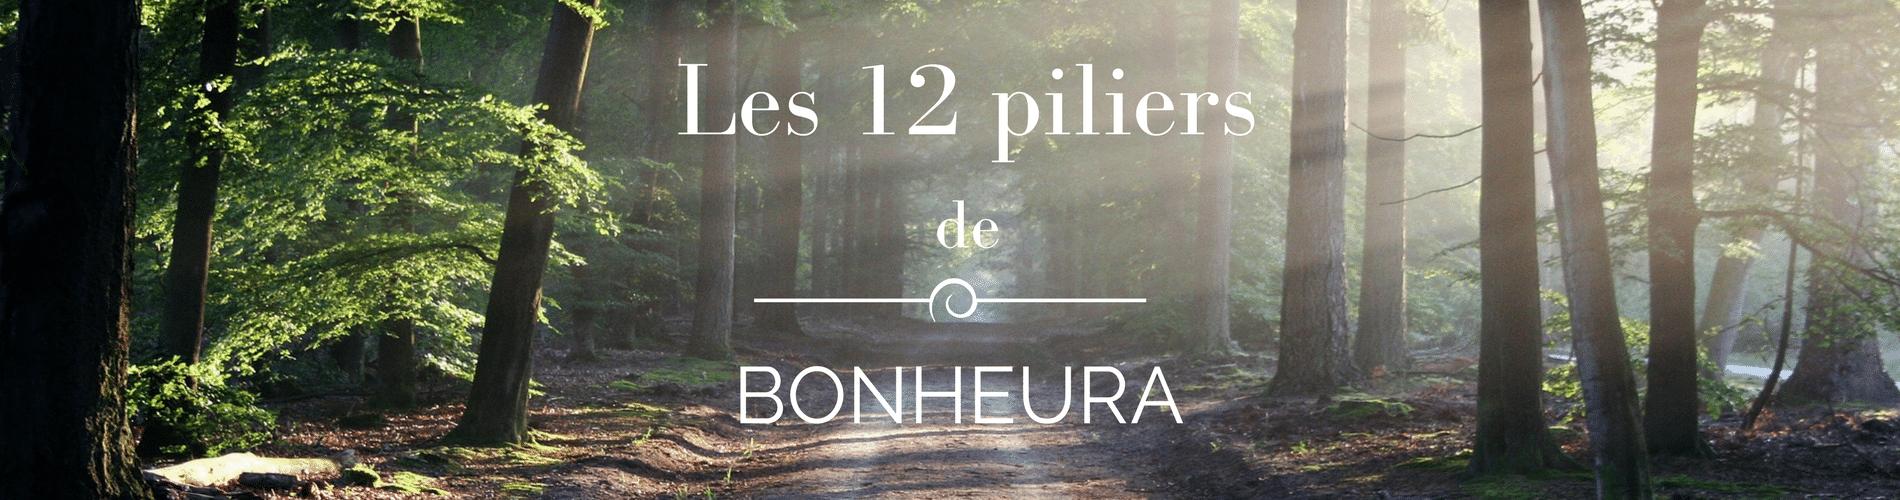 Les 12 Pilliers de BONHEURA